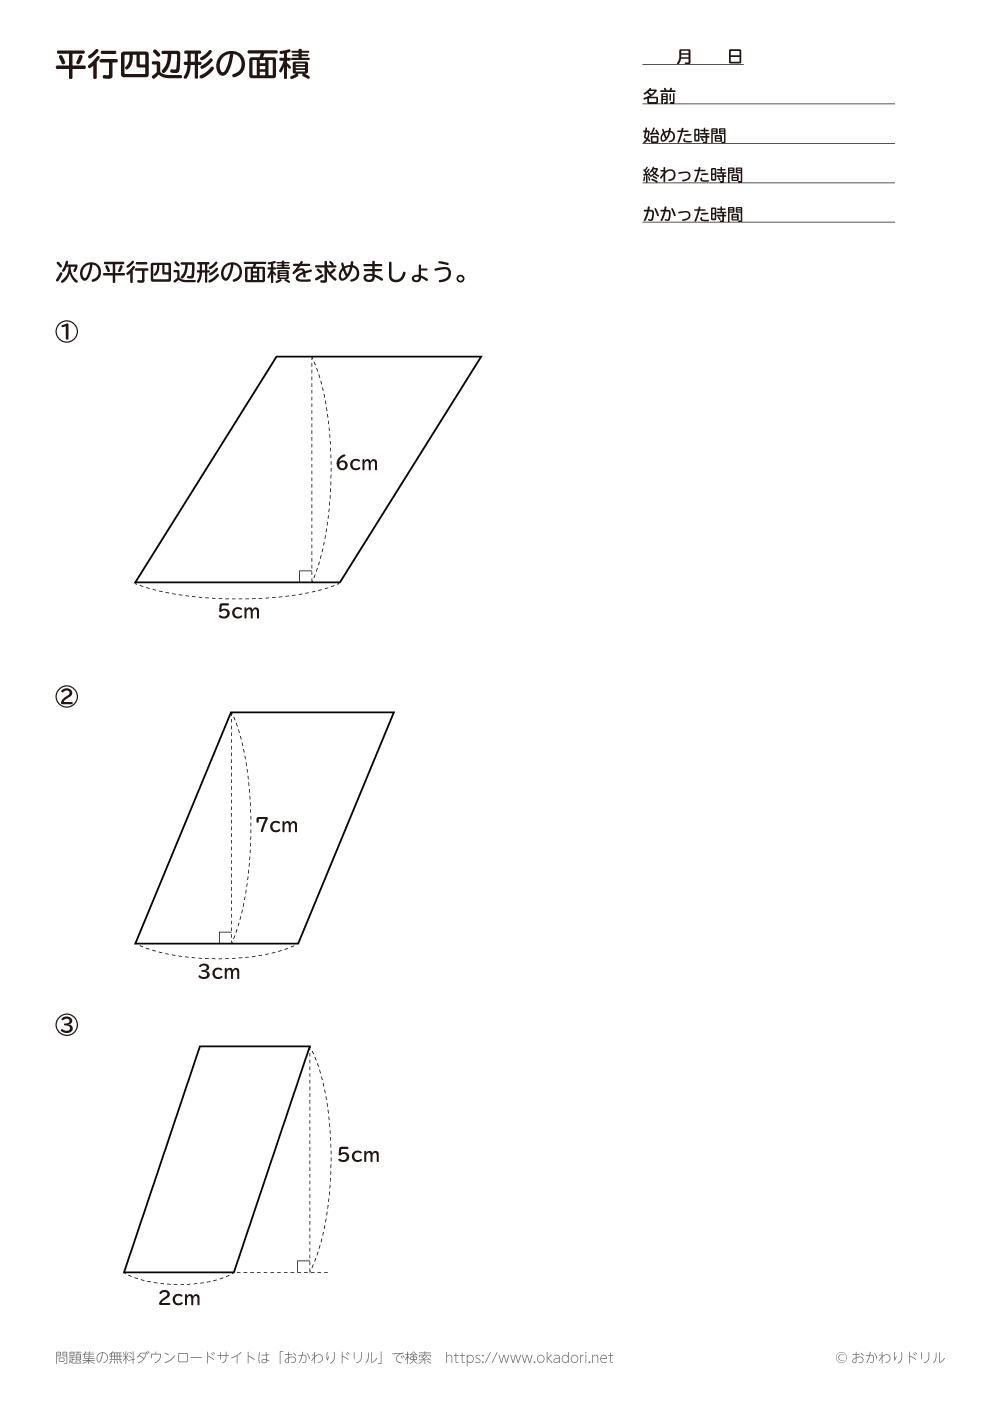 平行四辺形の面積1